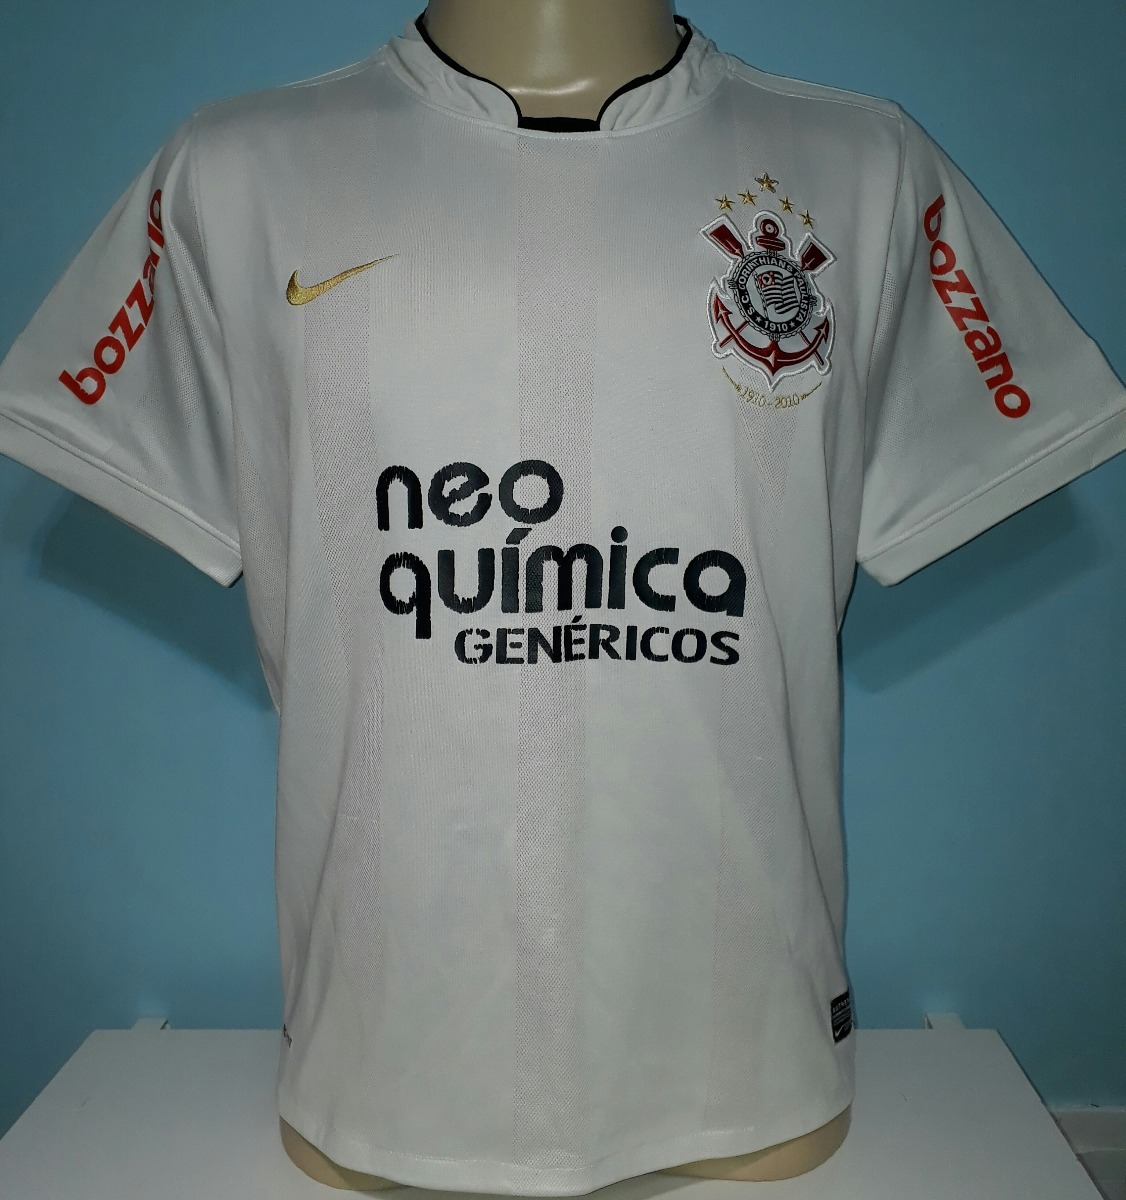 camisa do corinthians nike do centenário ronaldo 9 - a8. Carregando zoom. 53b1be98c79d5